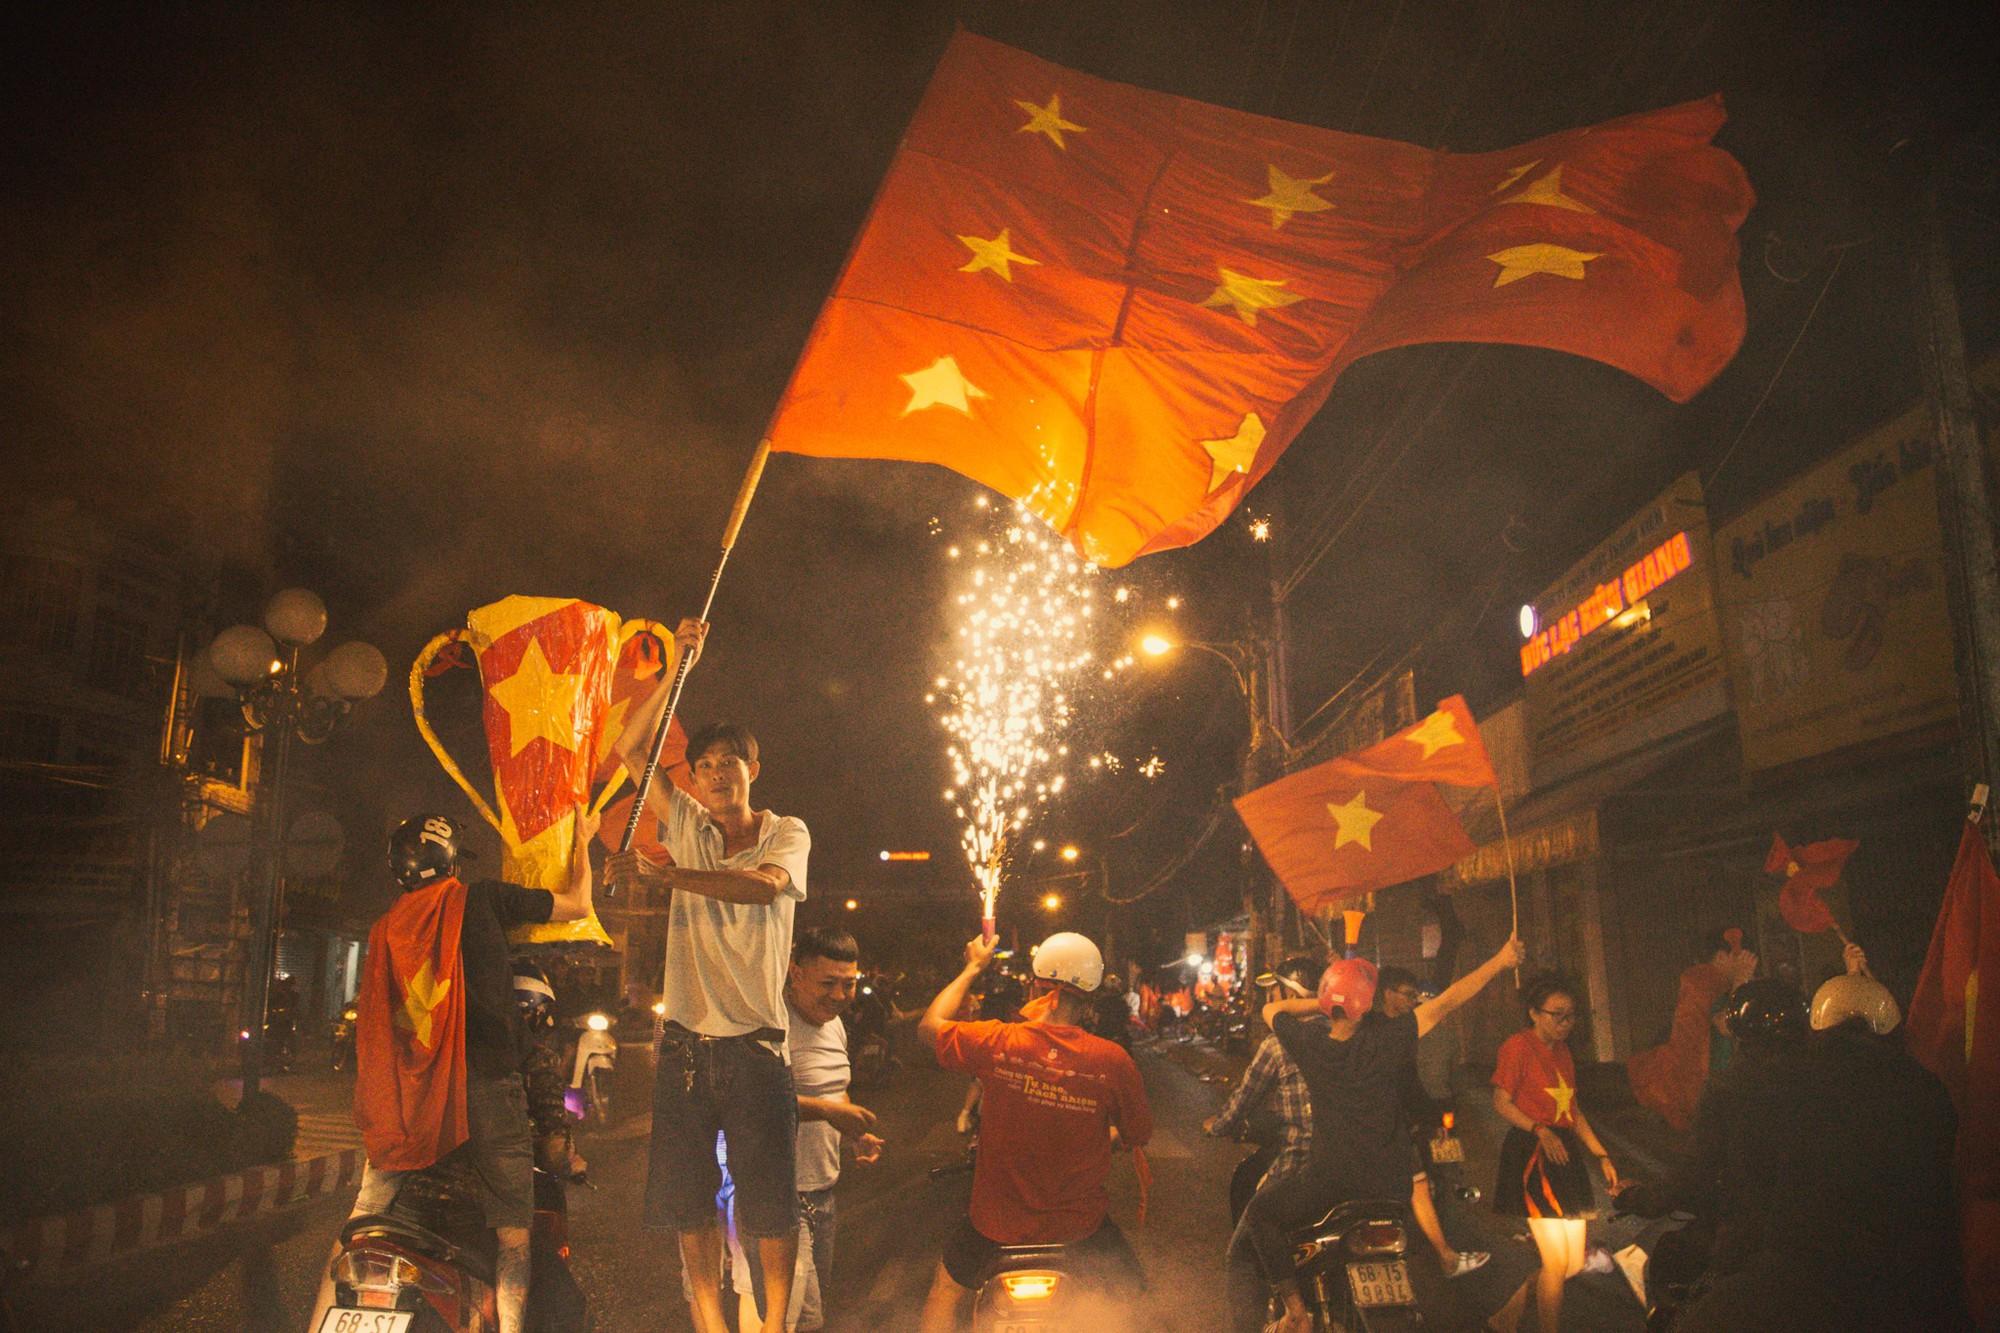 Những khoảnh khắc khó quên của hàng triệu người hâm mộ khi đội tuyển Việt Nam vô địch AFF Cup 2018 - Ảnh 12.